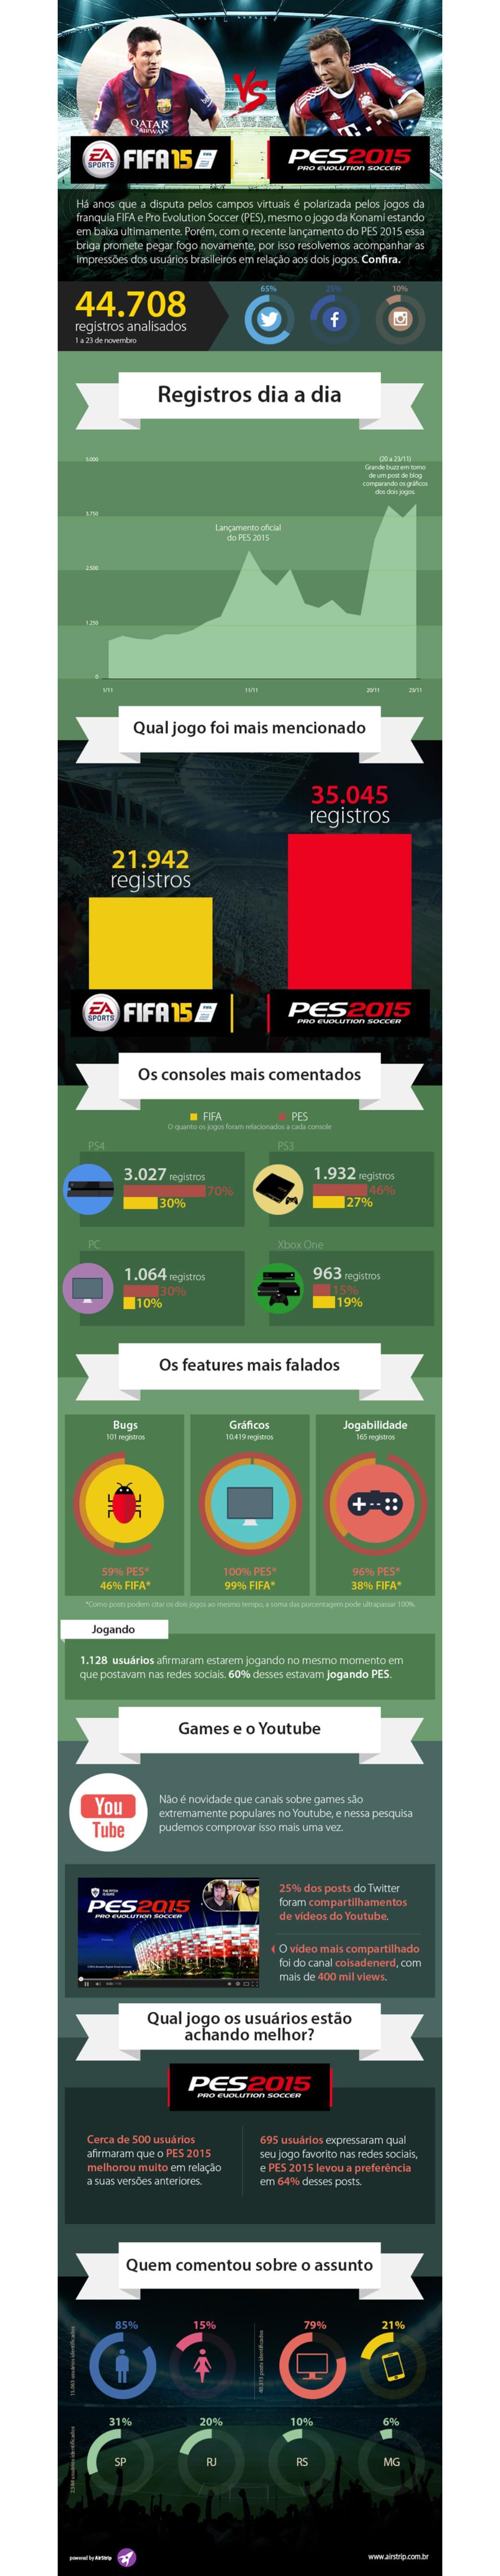 PES 2015 x FIFA 15: qual jogo é o mais comentado nas redes sociais?